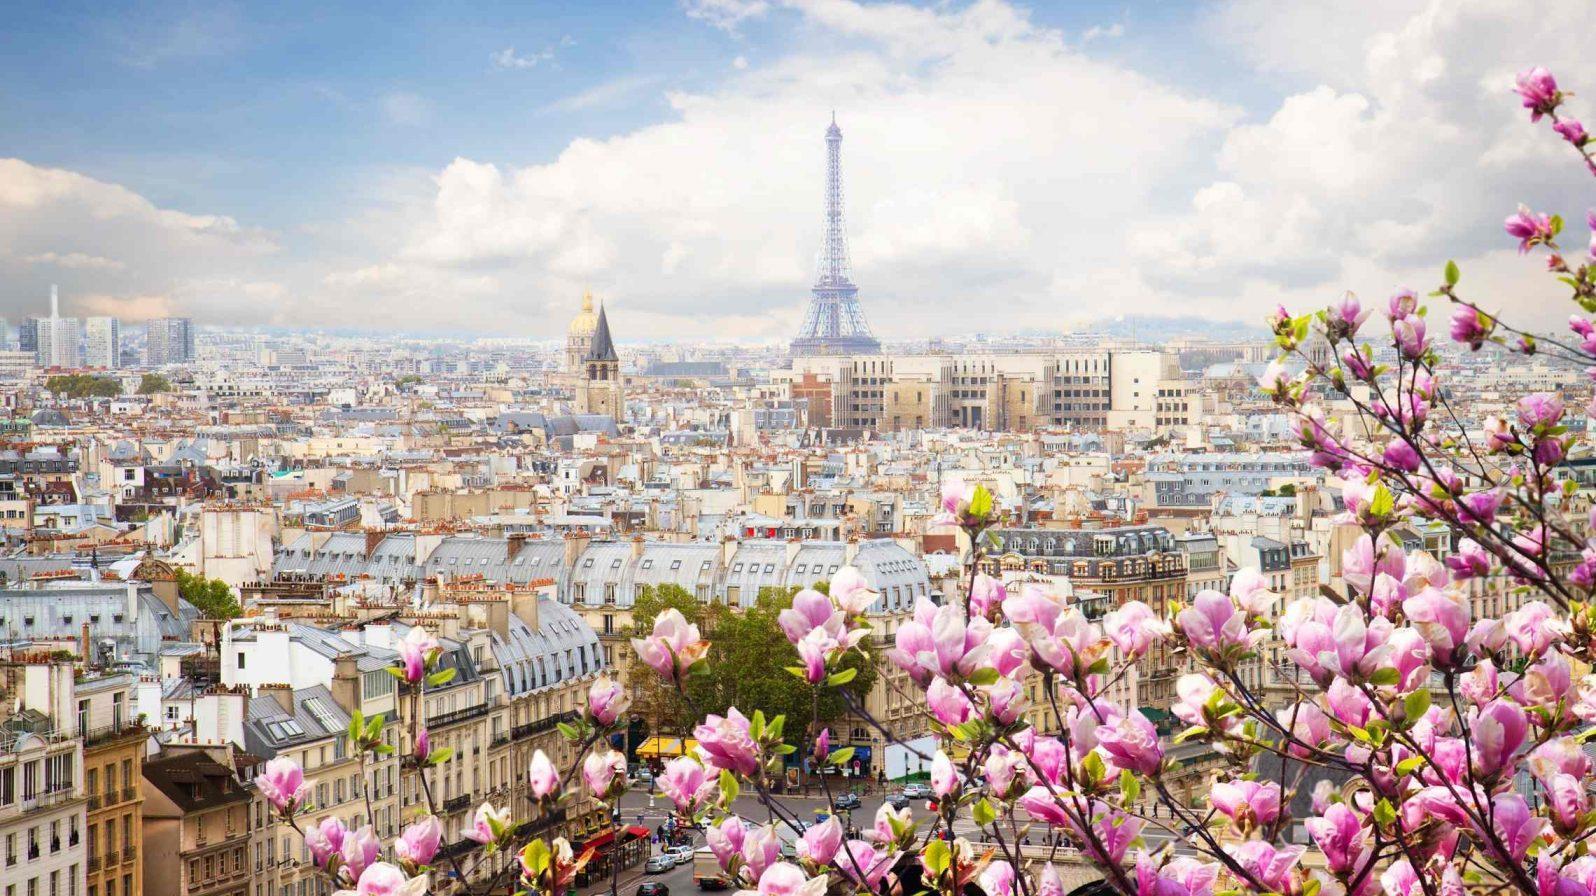 Pariisin-kaupunkikuva-ja-Eiffeltorni-Ranska-1596x896.jpg